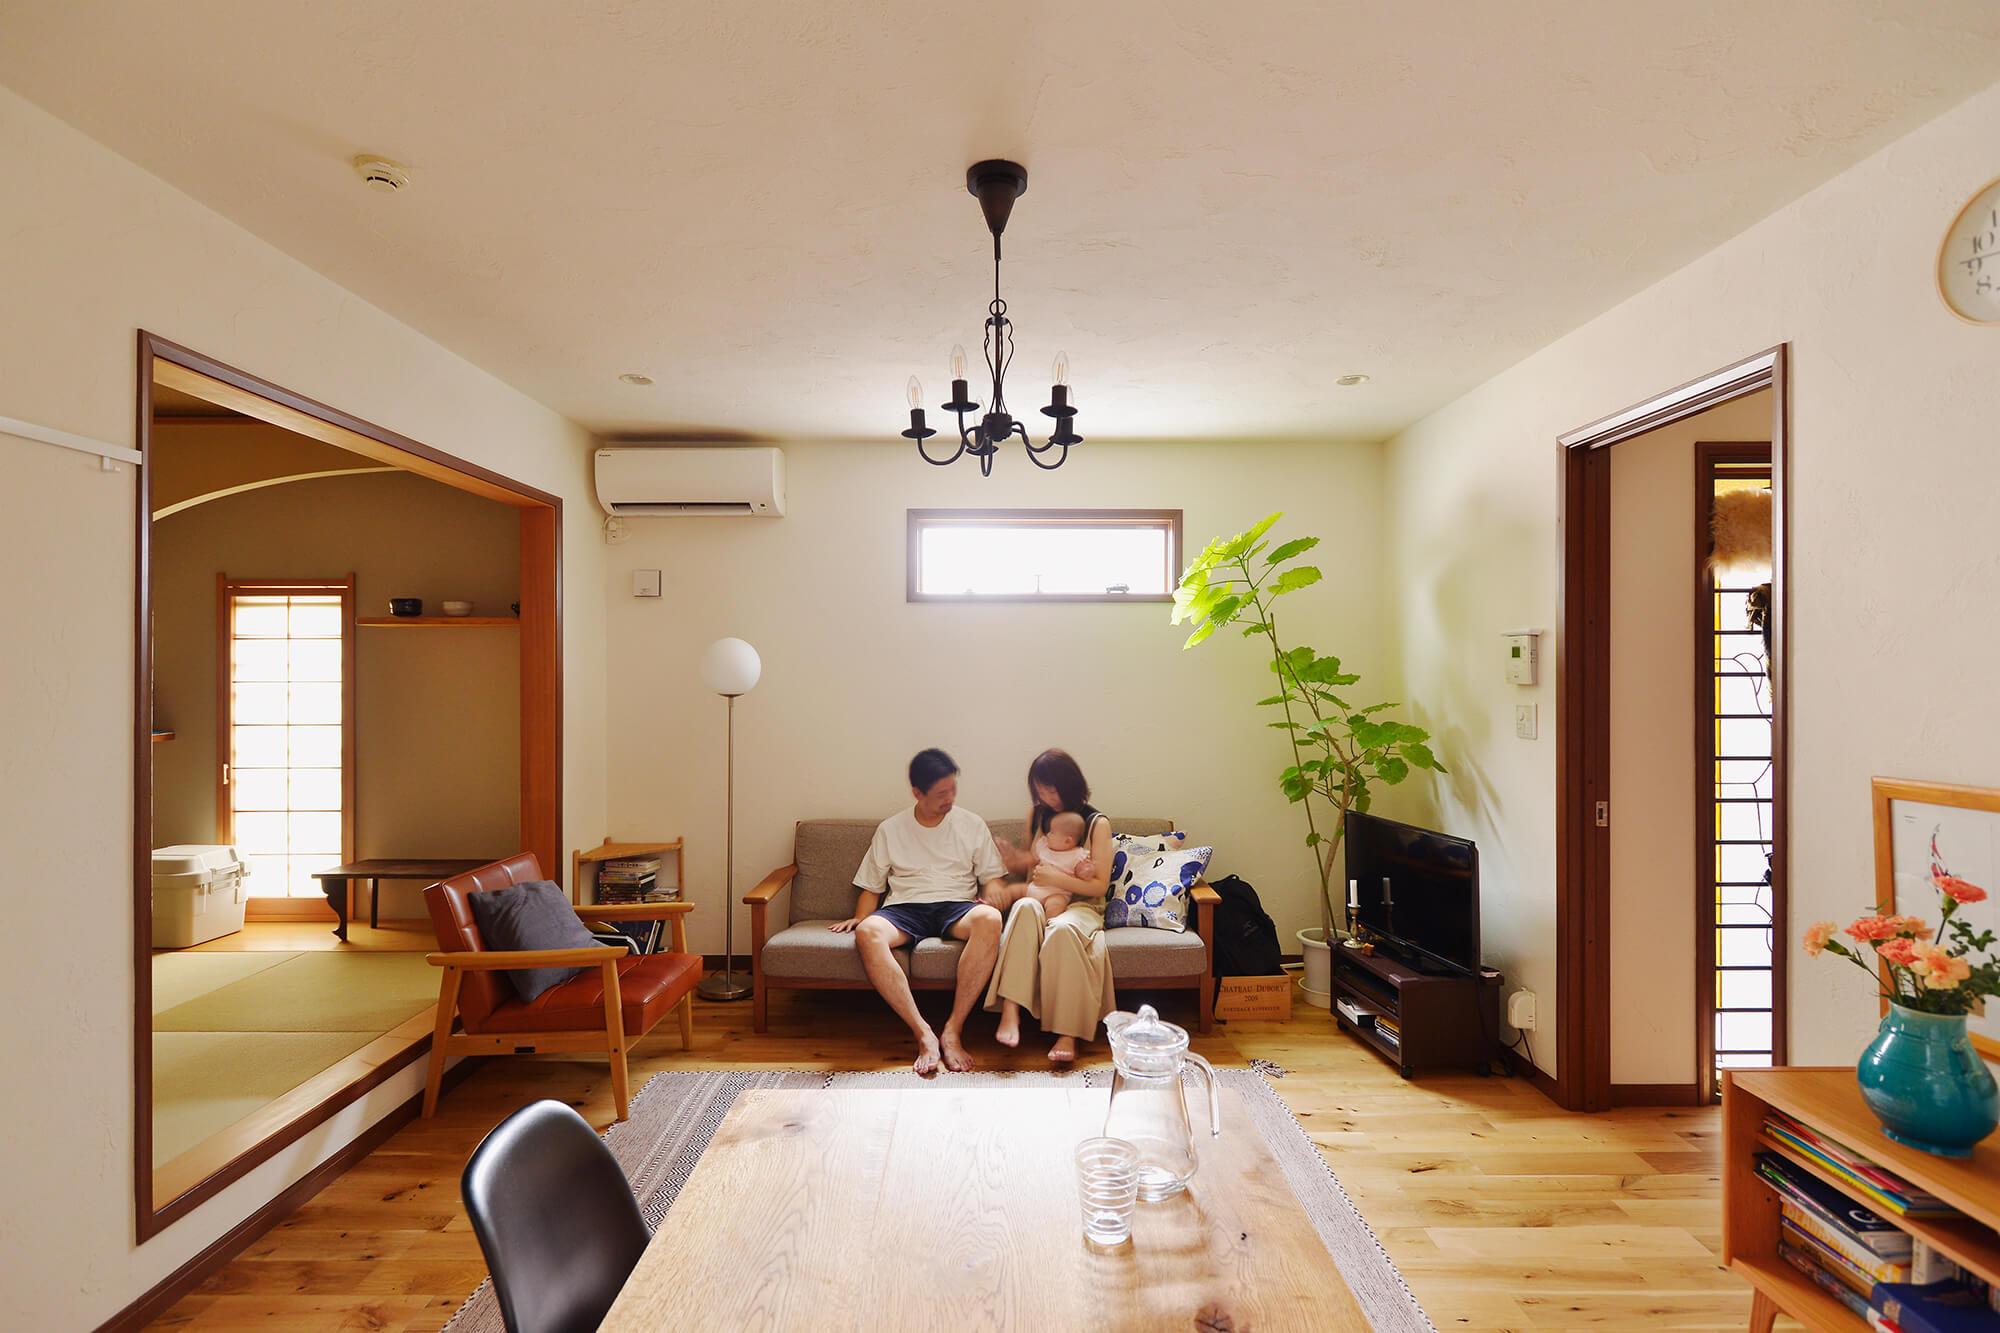 住宅WEBメディア「リノベりす」に横浜市南区の施工事例が紹介されました。